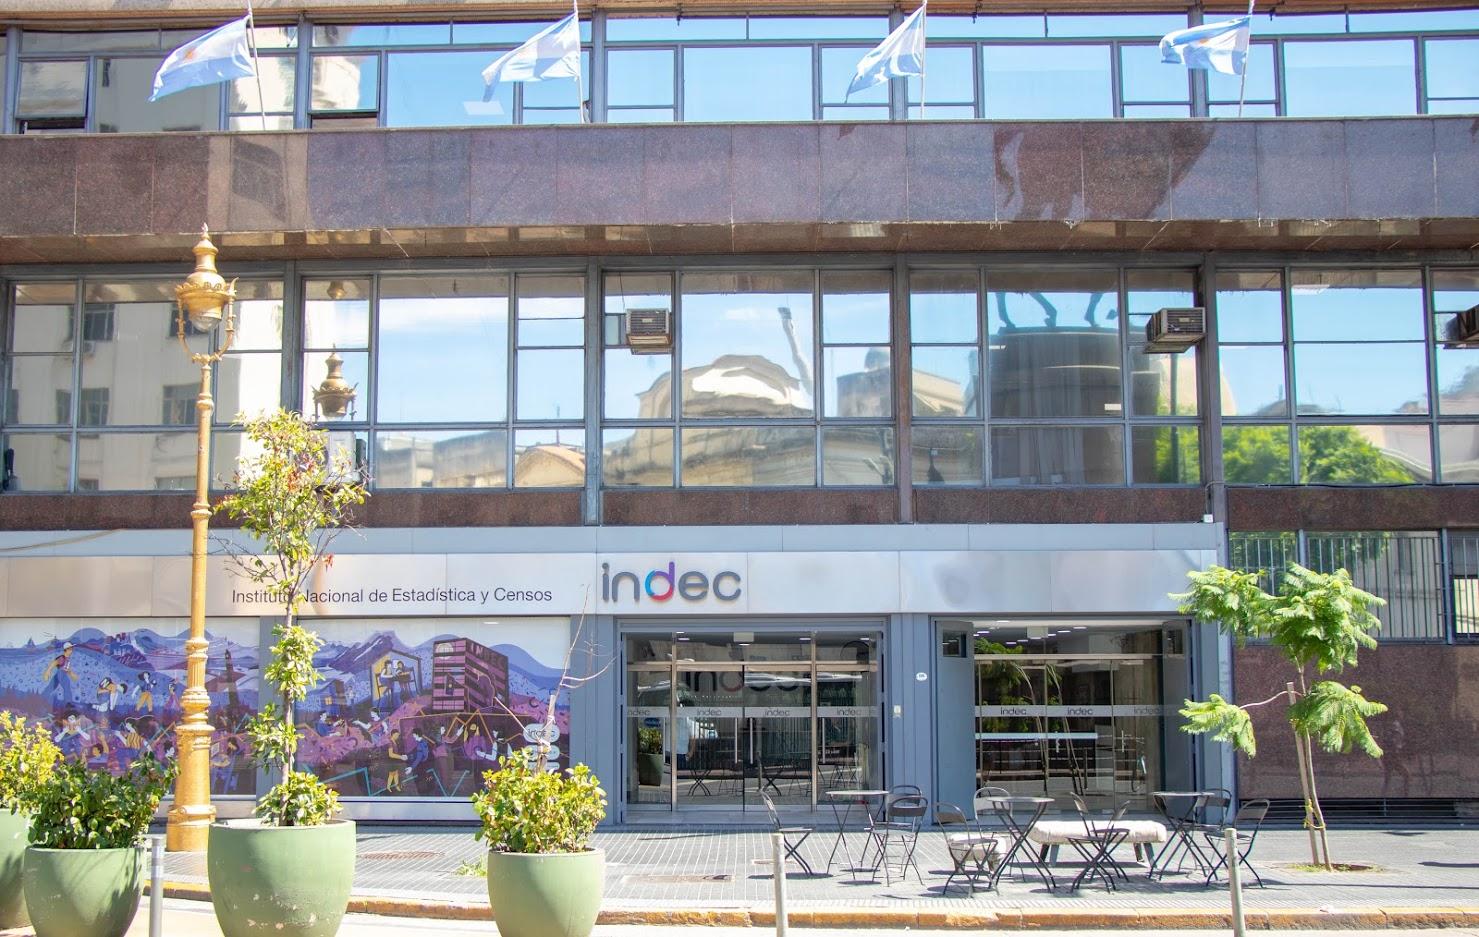 Resultado de imagen para Indec